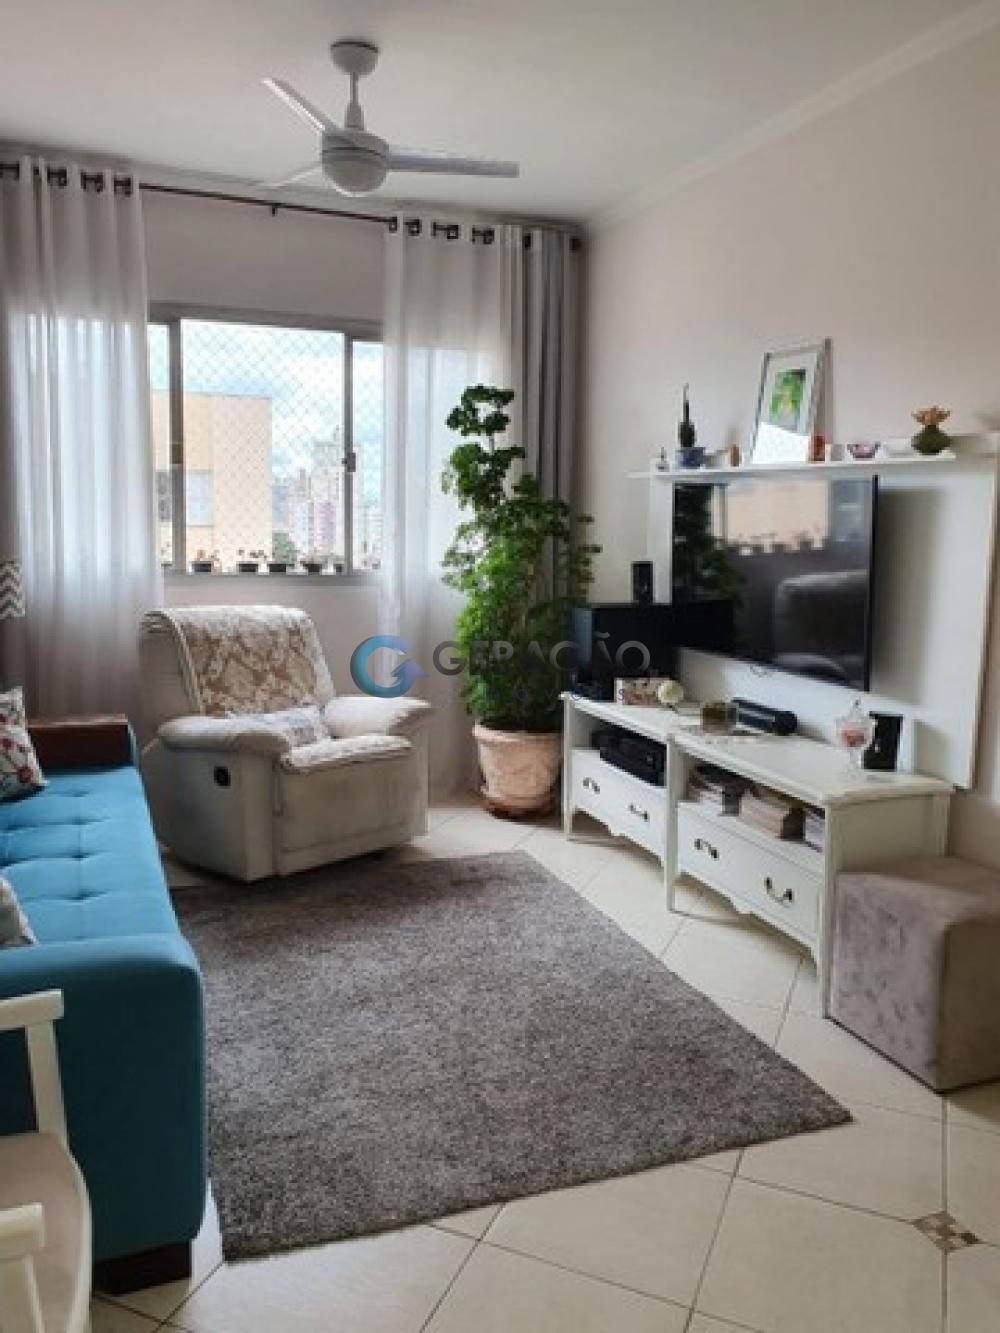 Comprar Apartamento / Padrão em São José dos Campos R$ 330.000,00 - Foto 1